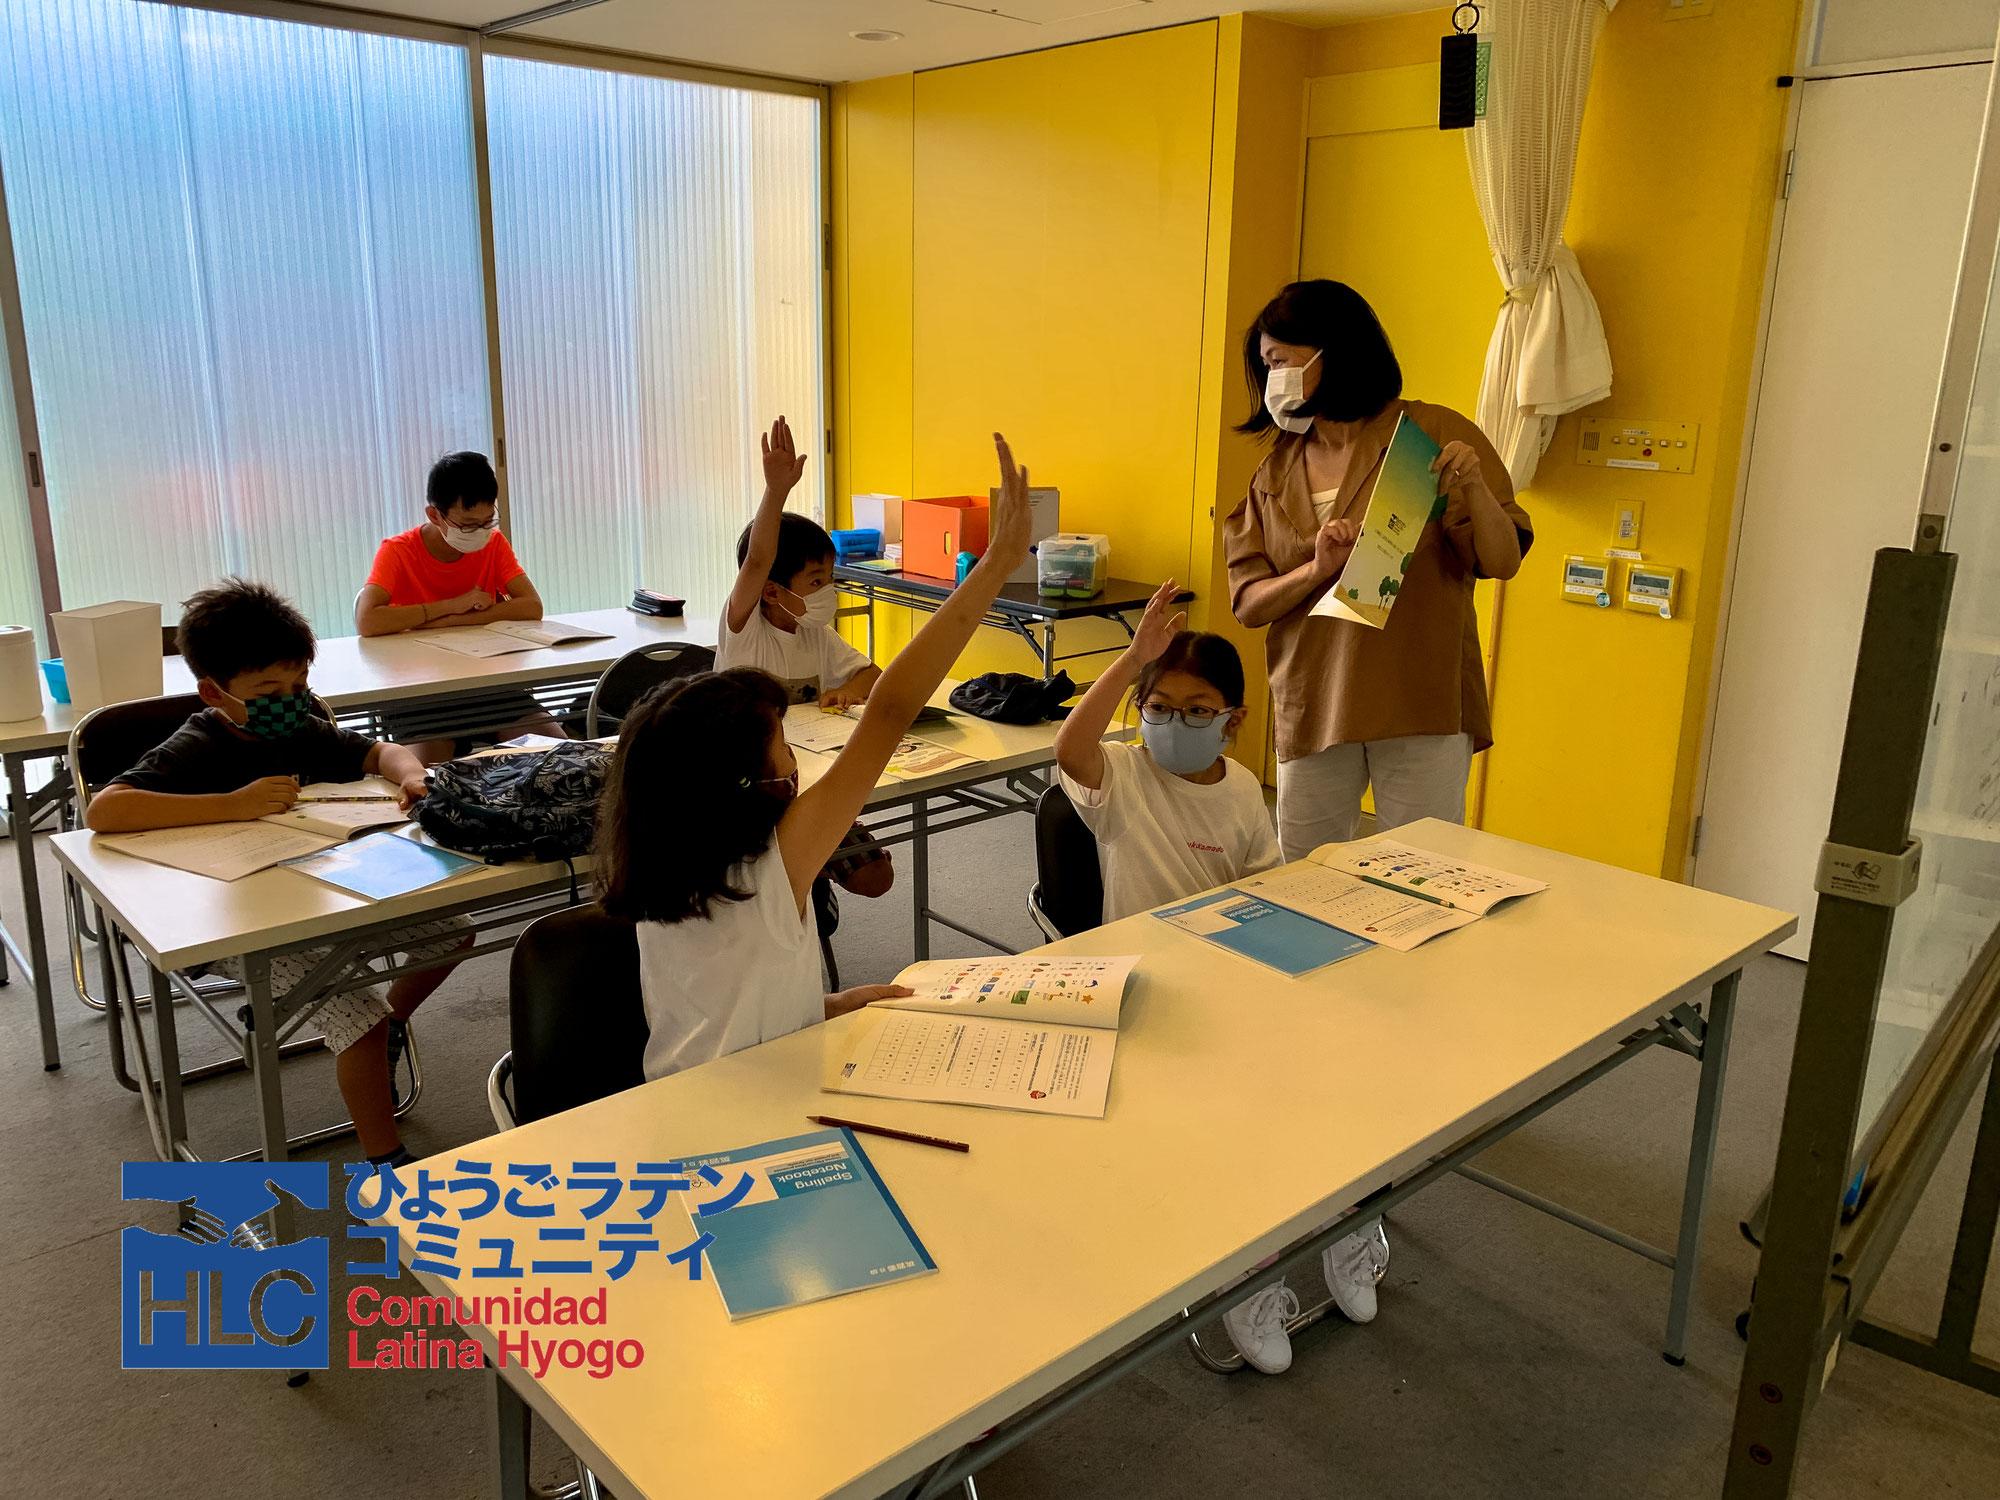 ◆◆母語教室 Amigos sin Fronteras 7月10目の授業/ Primera clase de julio 2021◆◆